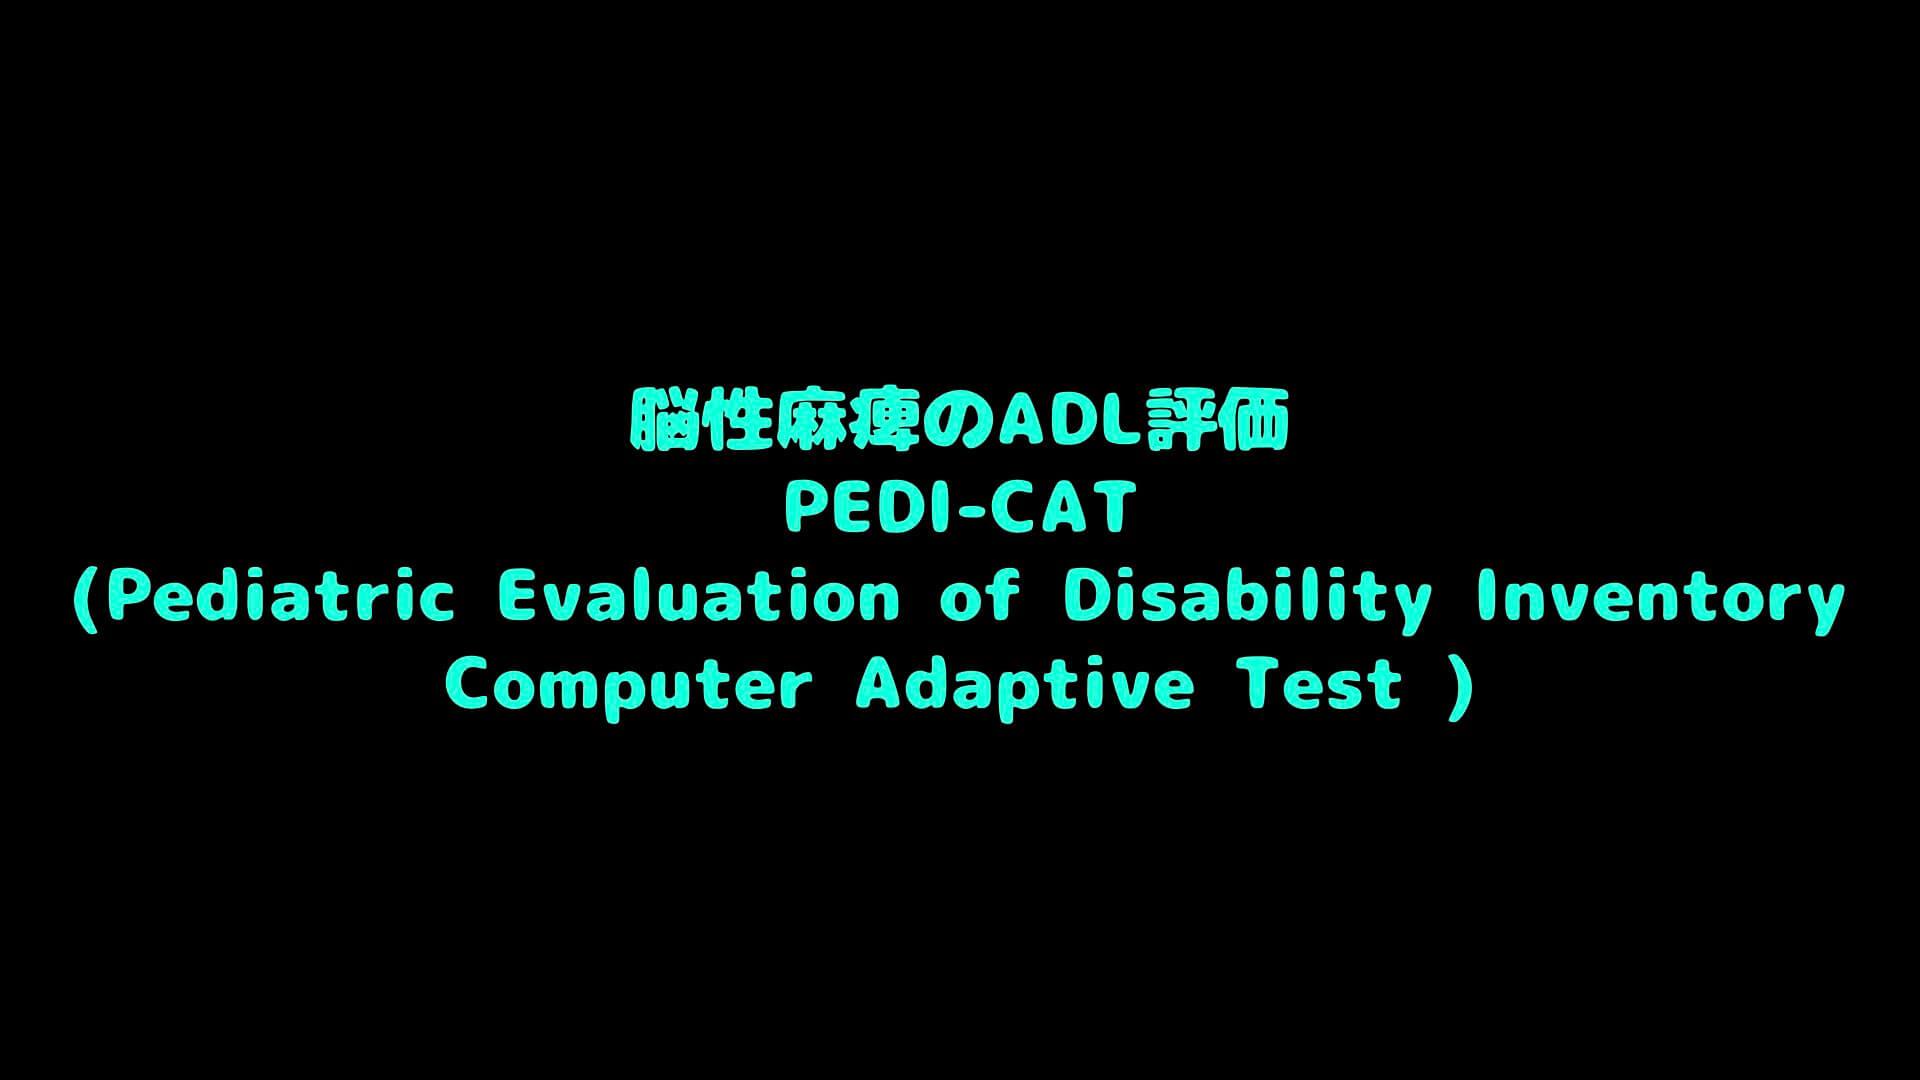 脳性麻痺のADL評価 PEDI-CAT(Pediatric Evaluation of Disability Inventory Computer Adaptive Test )